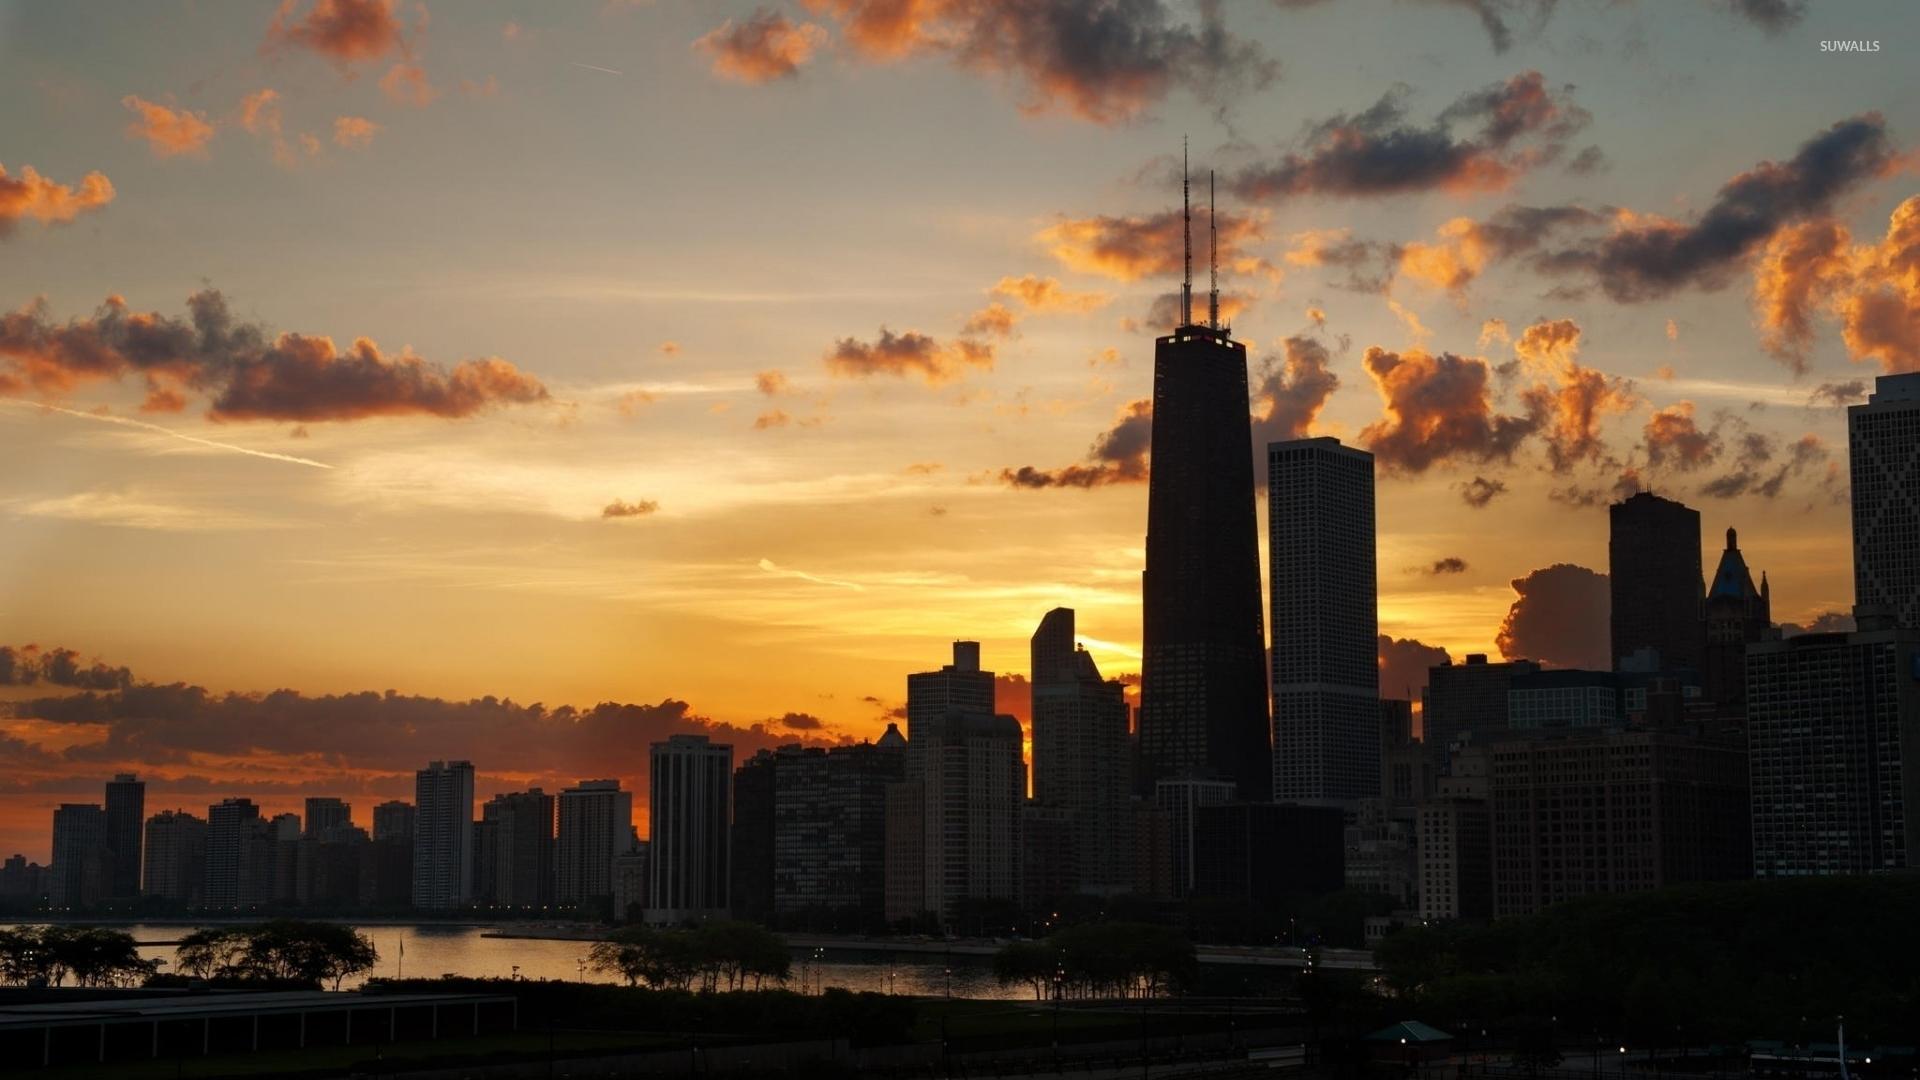 1920x1080 wallpaper amazing sunset - photo #34